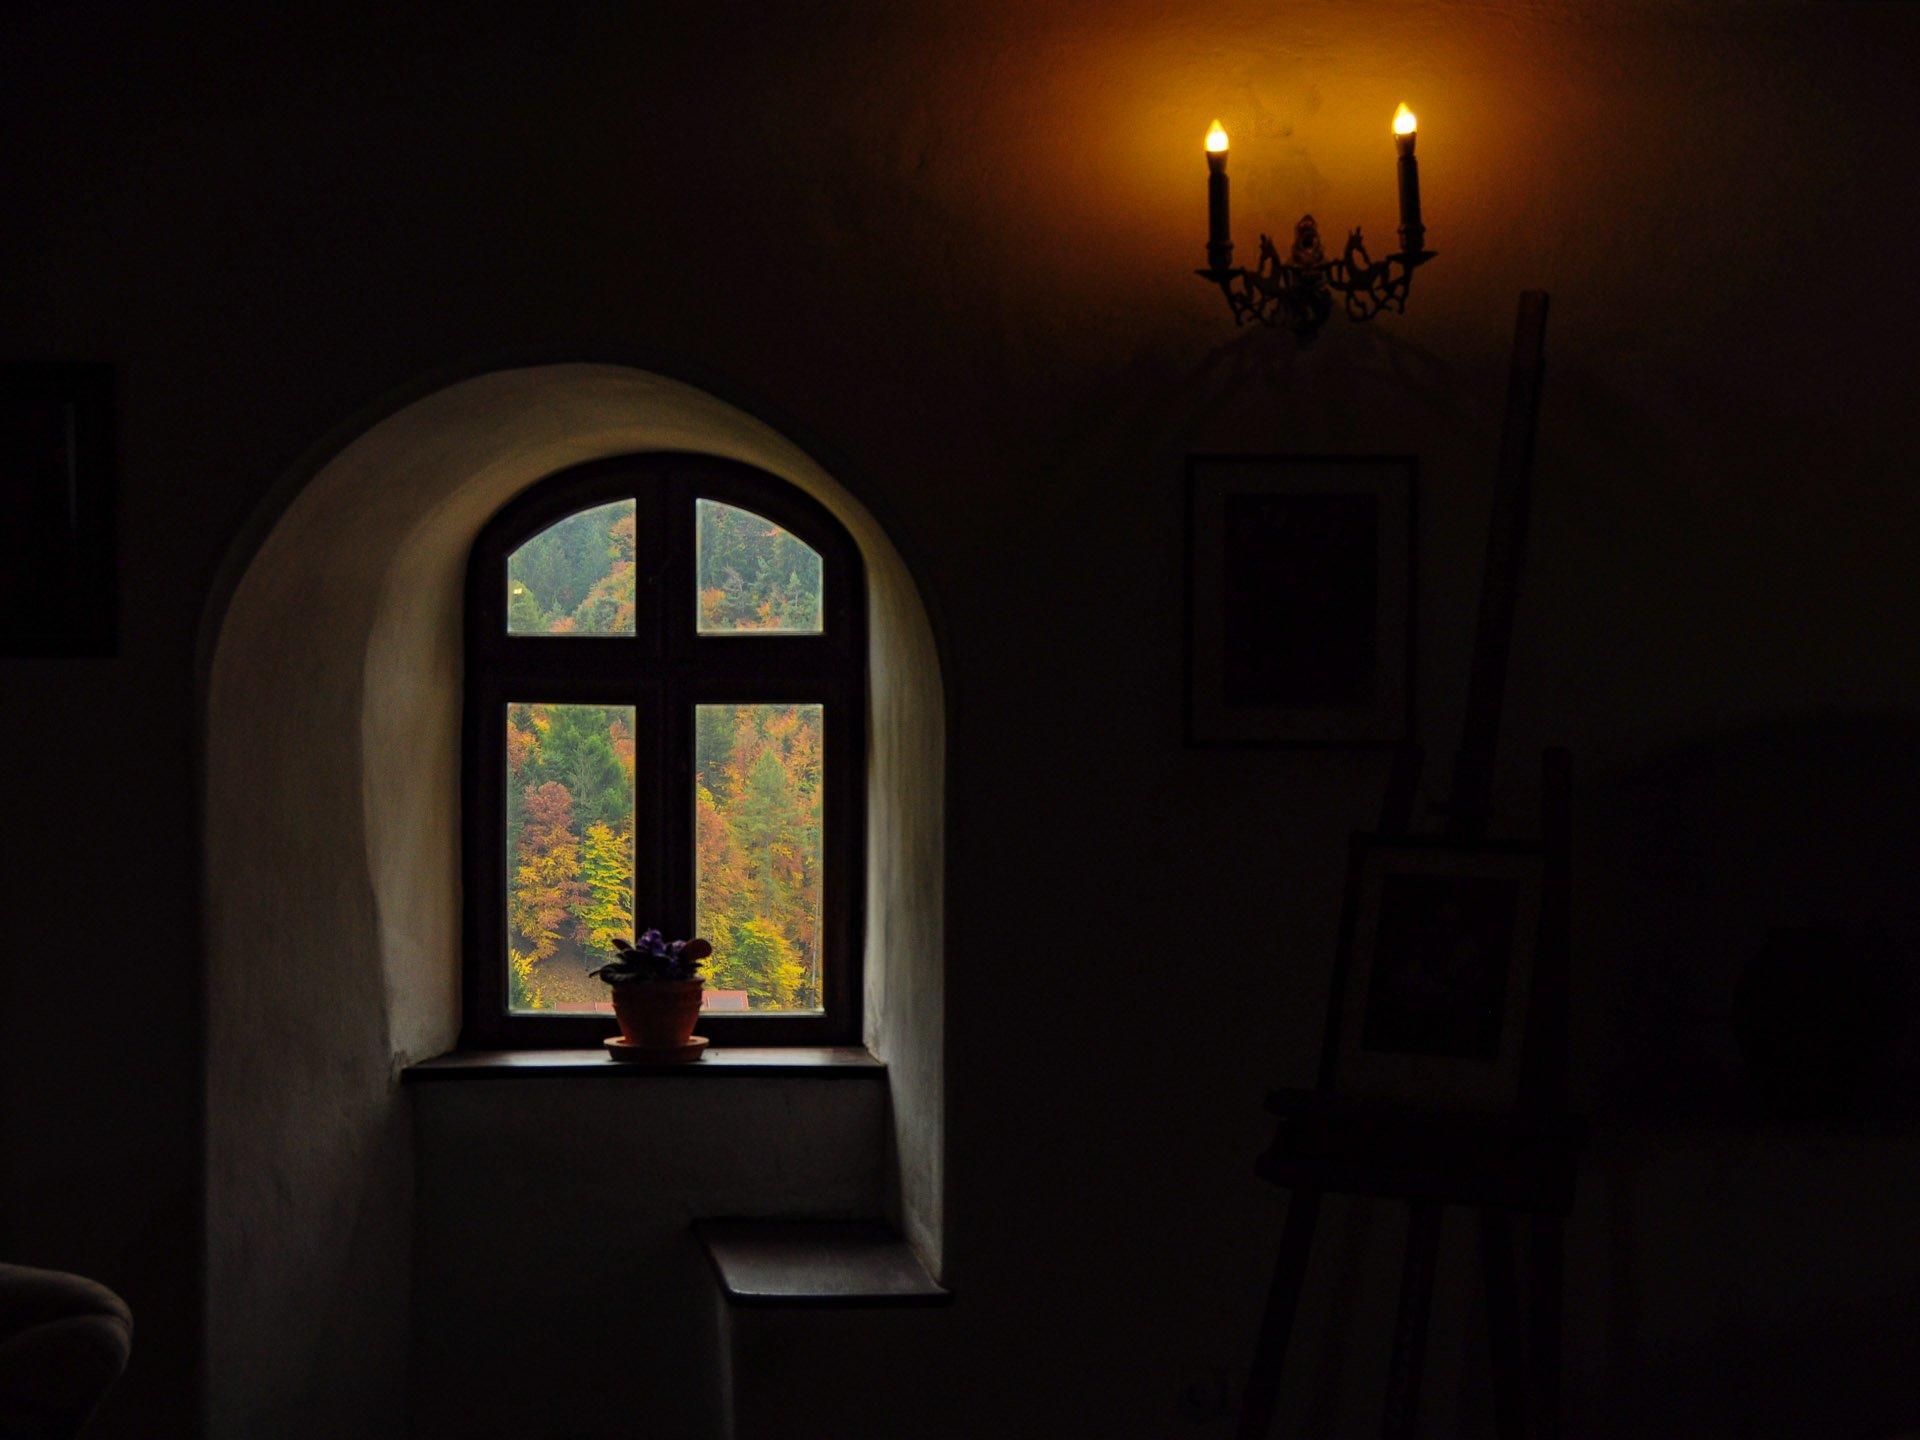 Inside the Bran Castle